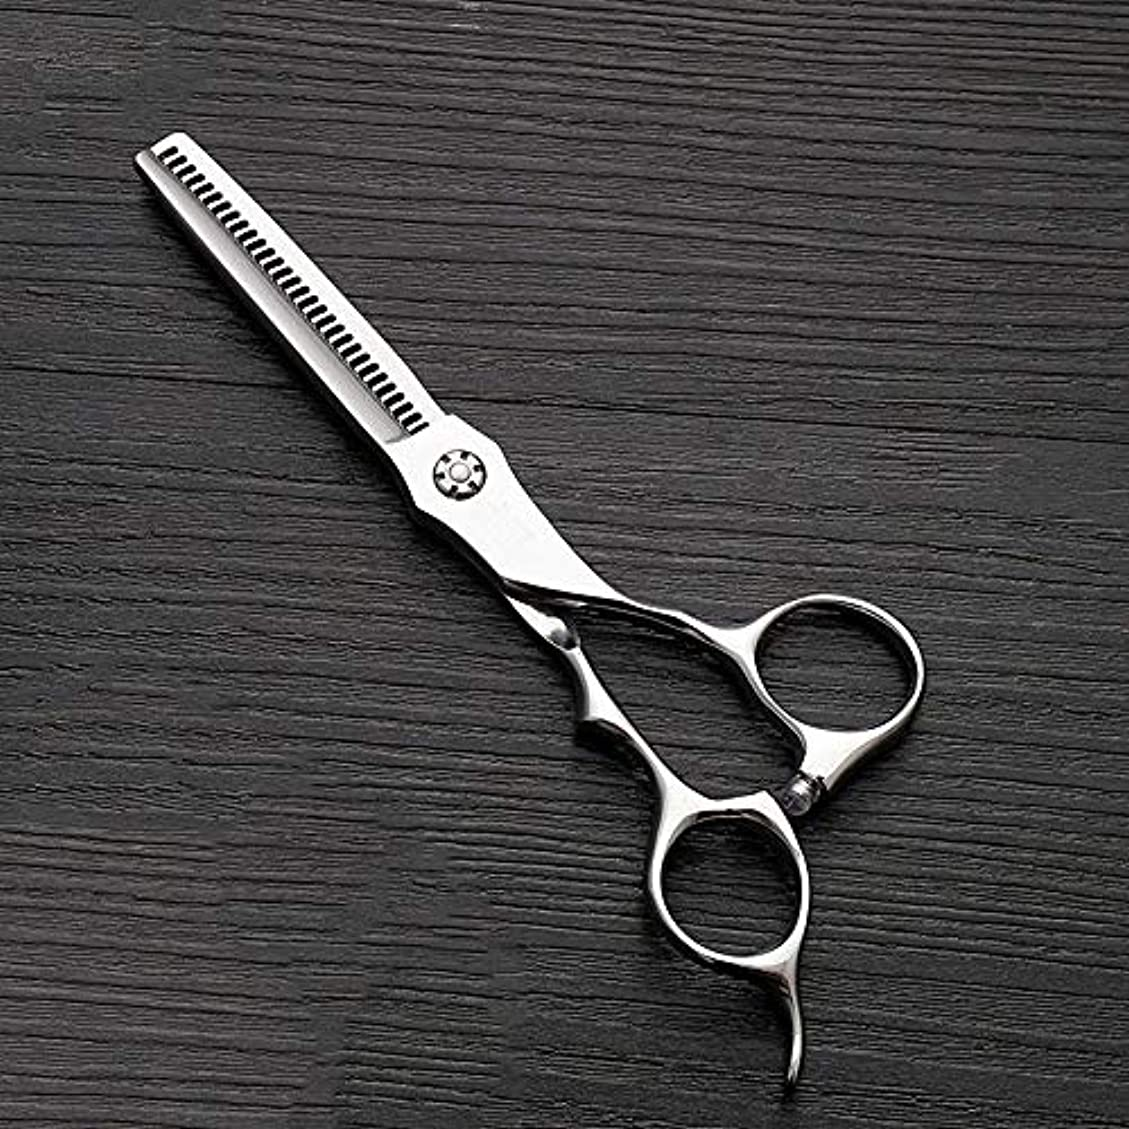 上回るバルセロナ薬6インチのステンレス鋼の歯のせん断の薄くする理髪はさみ、美容院の特別なはさみ ヘアケア (色 : Silver)